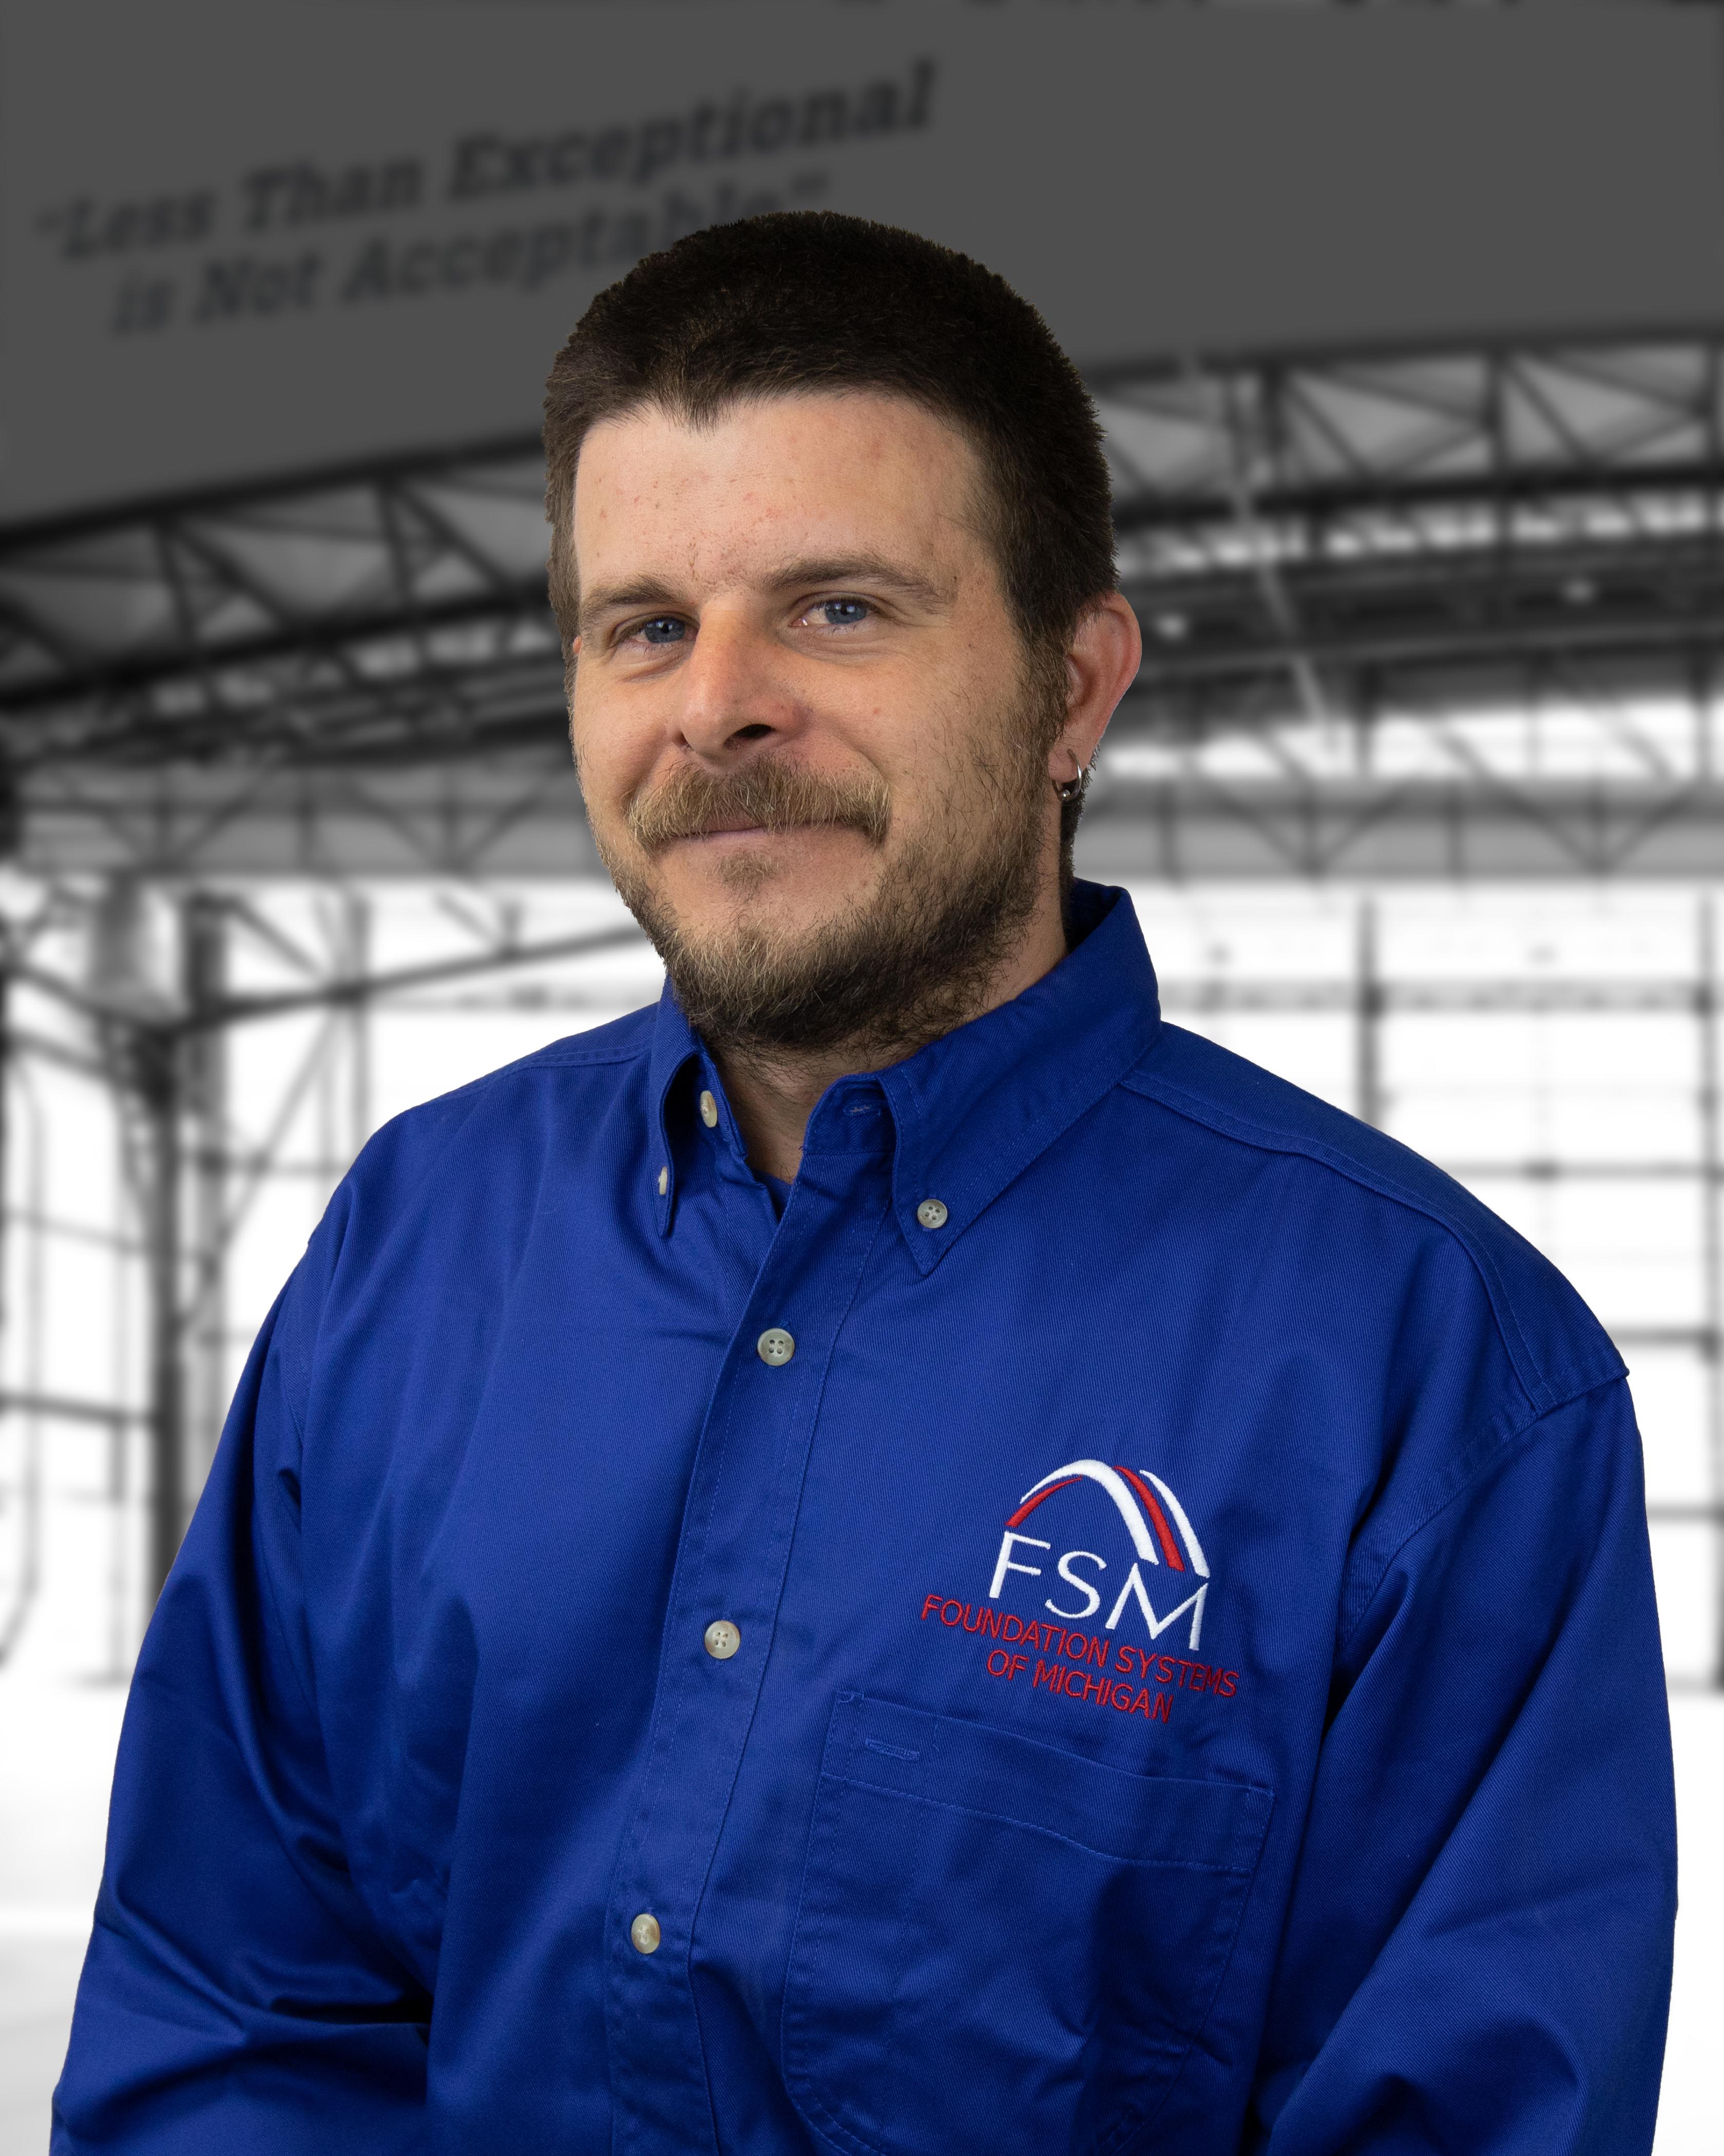 FSM Thomas Decker Fleet Mechanic